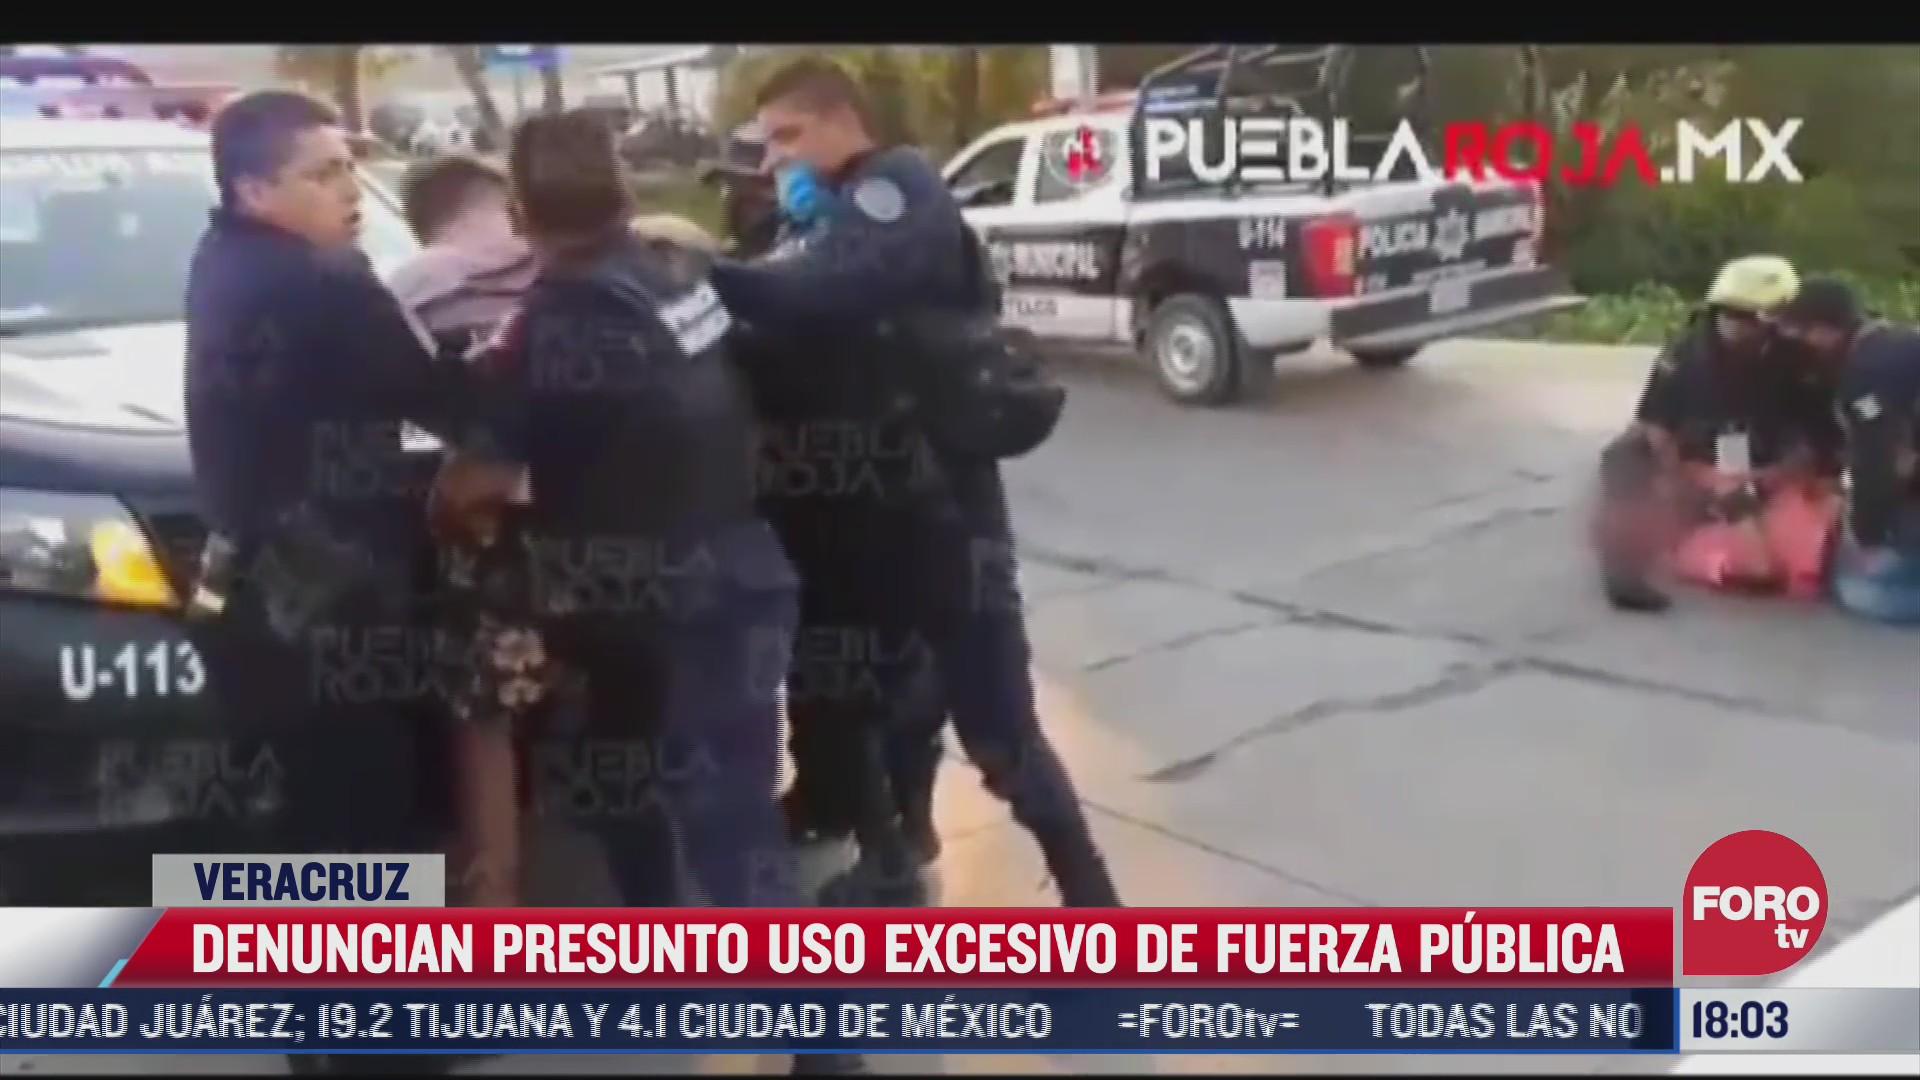 denuncian nuevo abuso policial en veracruz